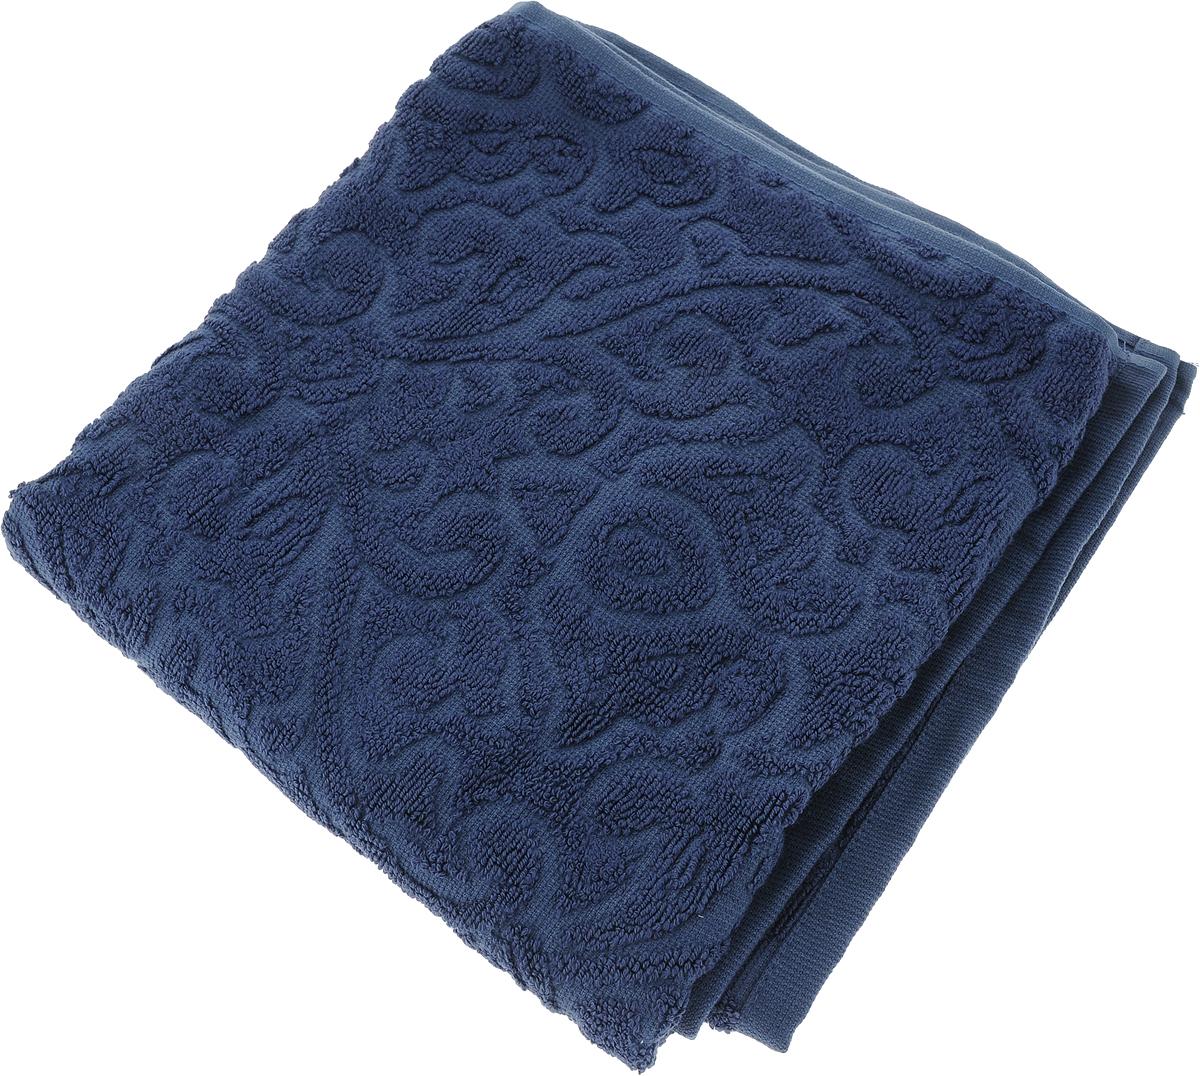 Полотенце Arya Duane, цвет: синий, 50 x 90 смTR1002623_СинийТурецкое полотенце от компании Ария из бамбука .Компания Arya является признанным турецким лидером на рынке постельных принадлежностей и текстиля для дома. Поэтому Вы можете быть уверены, что приобретенные текстильные изделия доставит Вам и Вашим близким удовольствие